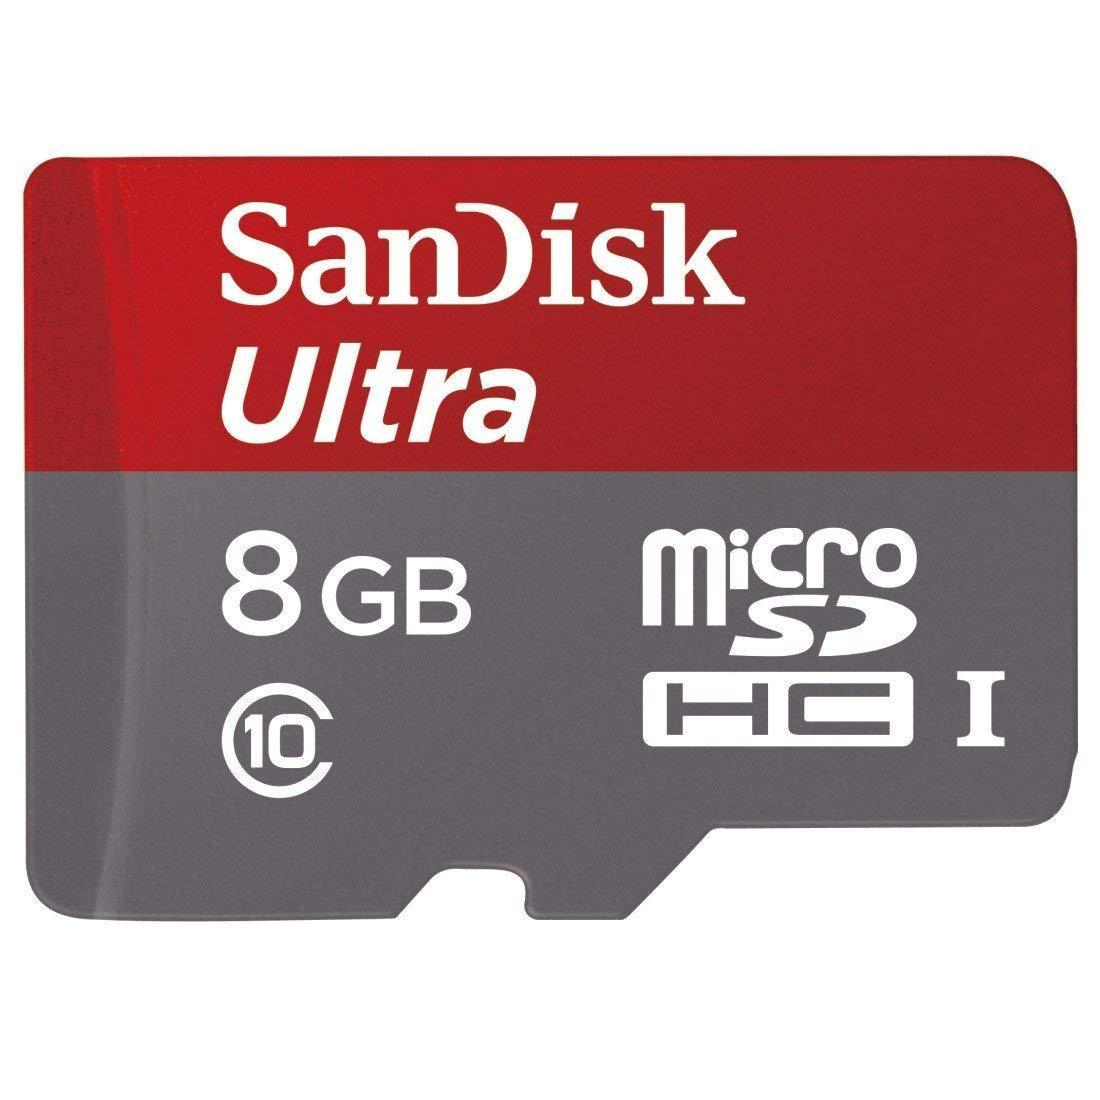 Bestway Pompa Angin Tangan Kecil Sandisk Original Microsd Memory Card 8 Gb